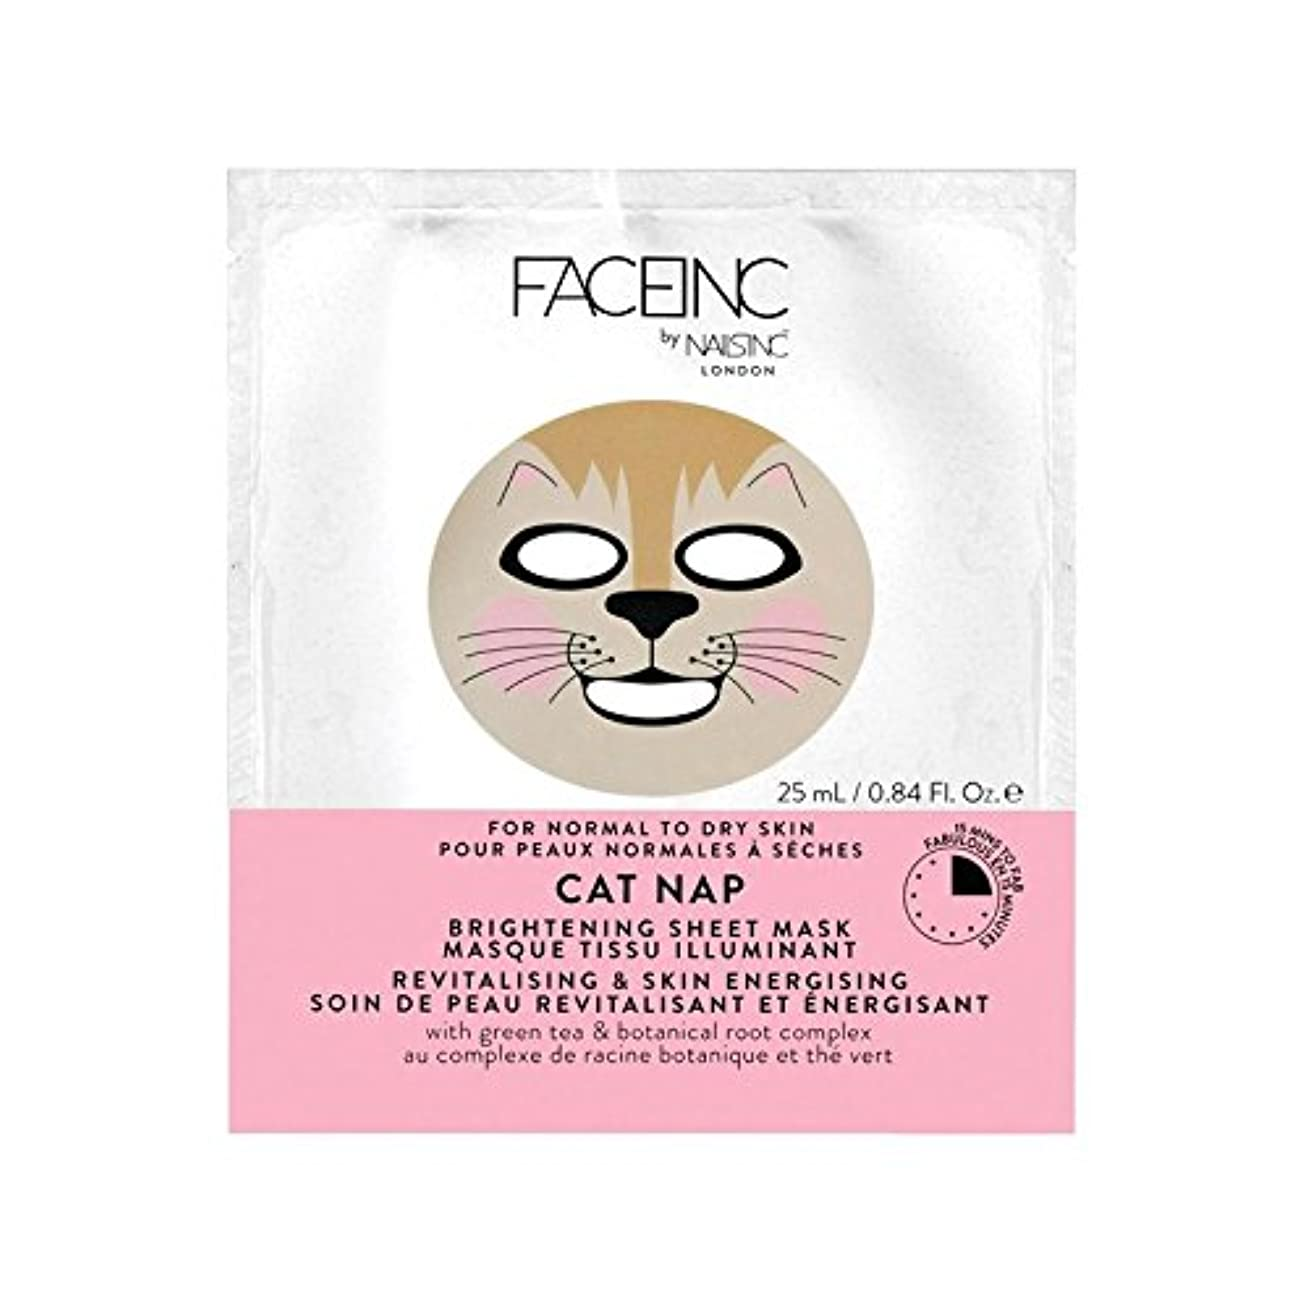 書くコンソールペパーミント爪が株式会社顔猫の昼寝用マスク x2 - Nails Inc. Face Inc Cat Nap Mask (Pack of 2) [並行輸入品]